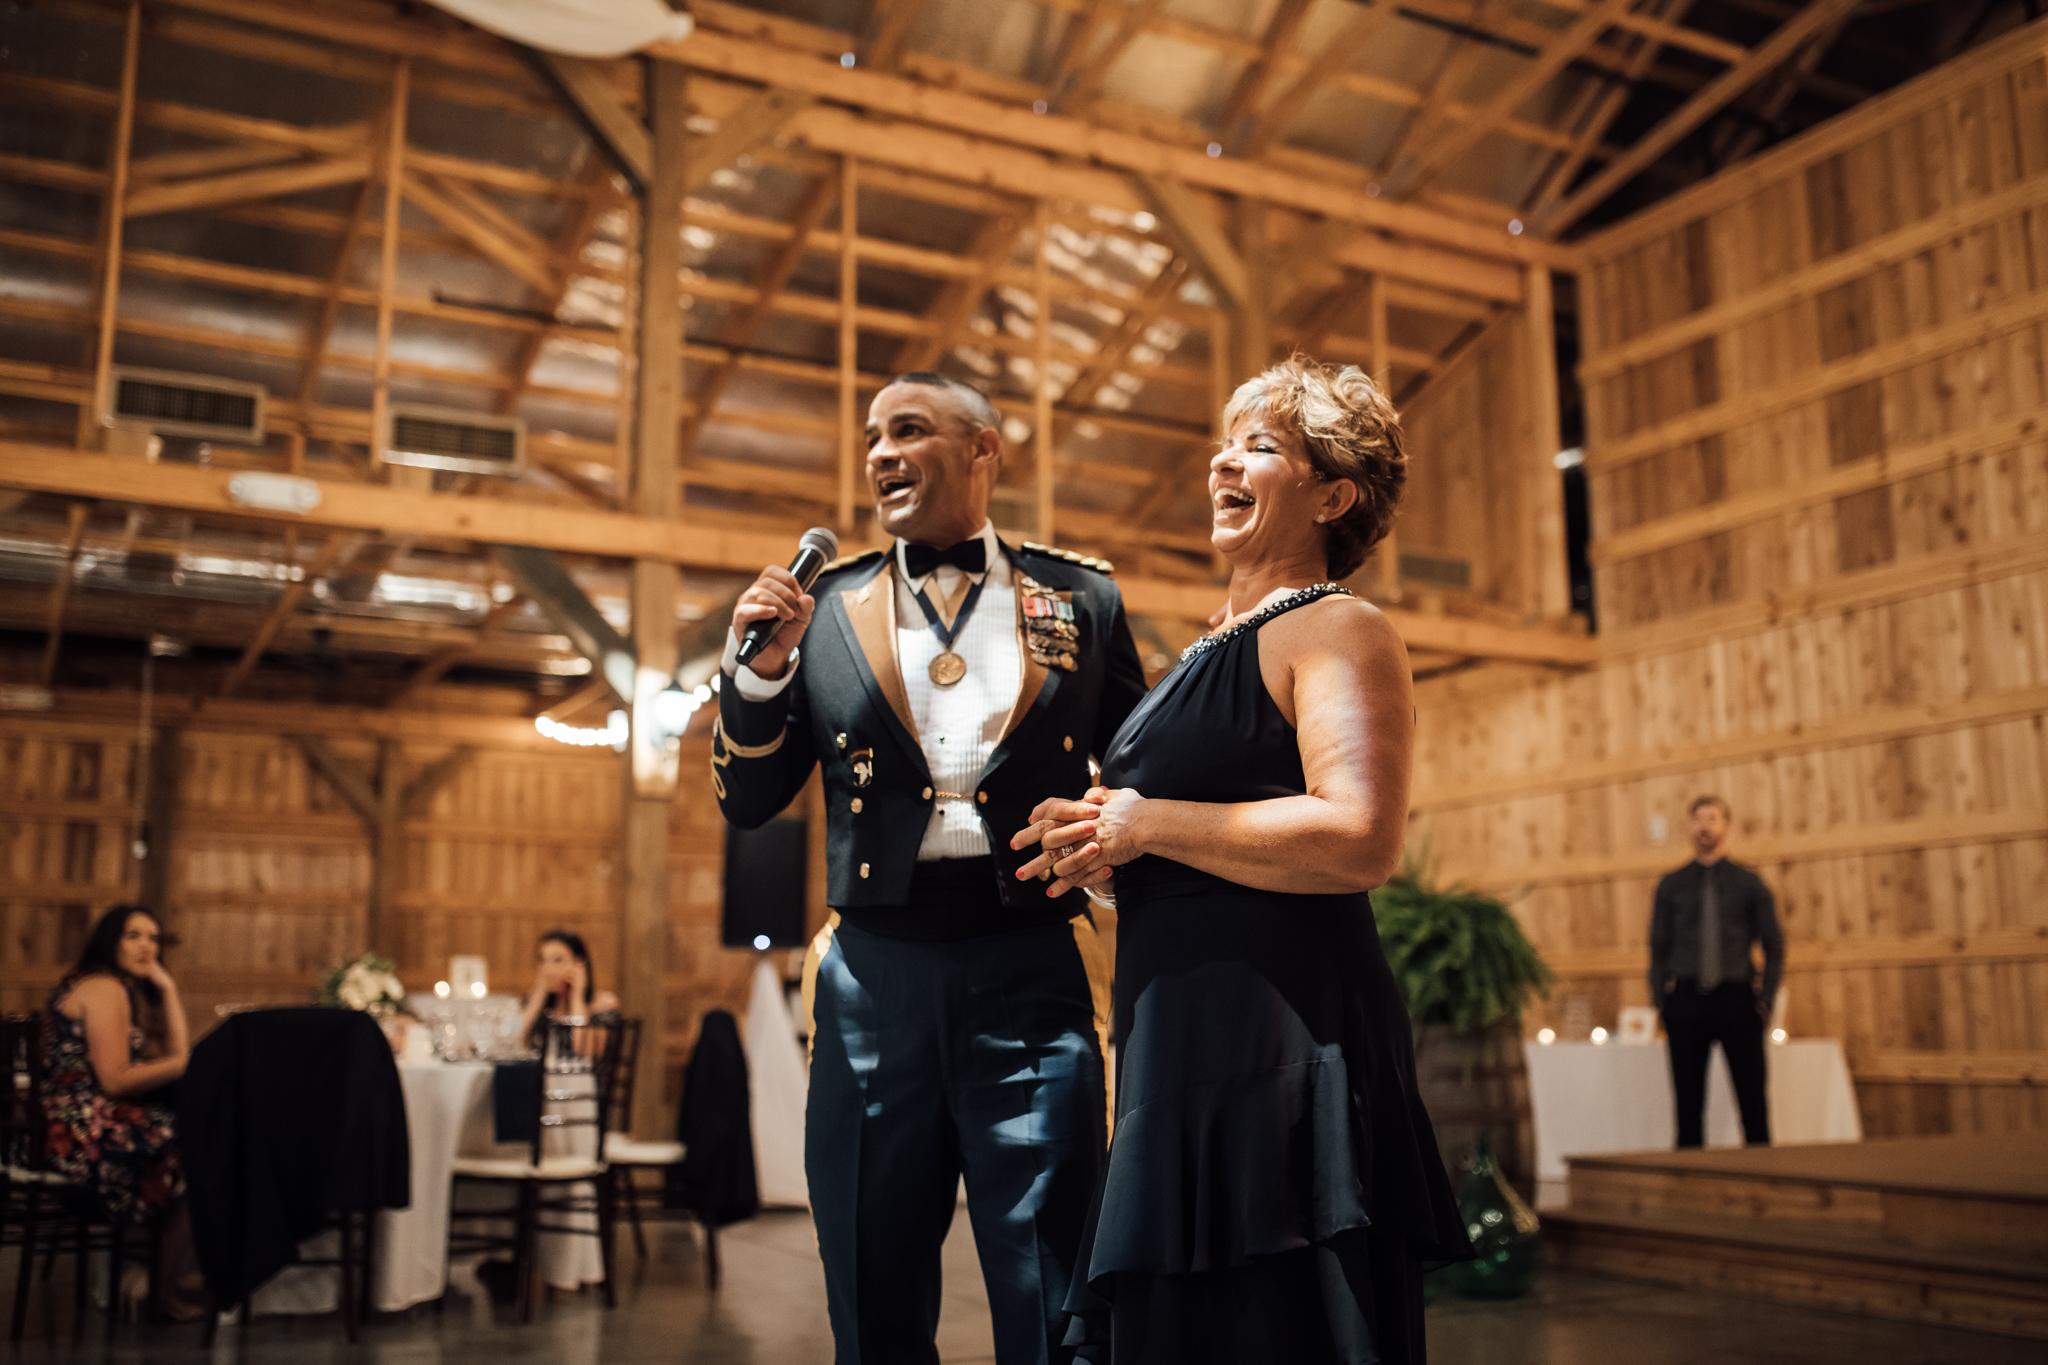 saddlewoodsfarms-nashville-wedding-photographer-thewarmtharoundyou-rustic-wedding (213 of 251).jpg